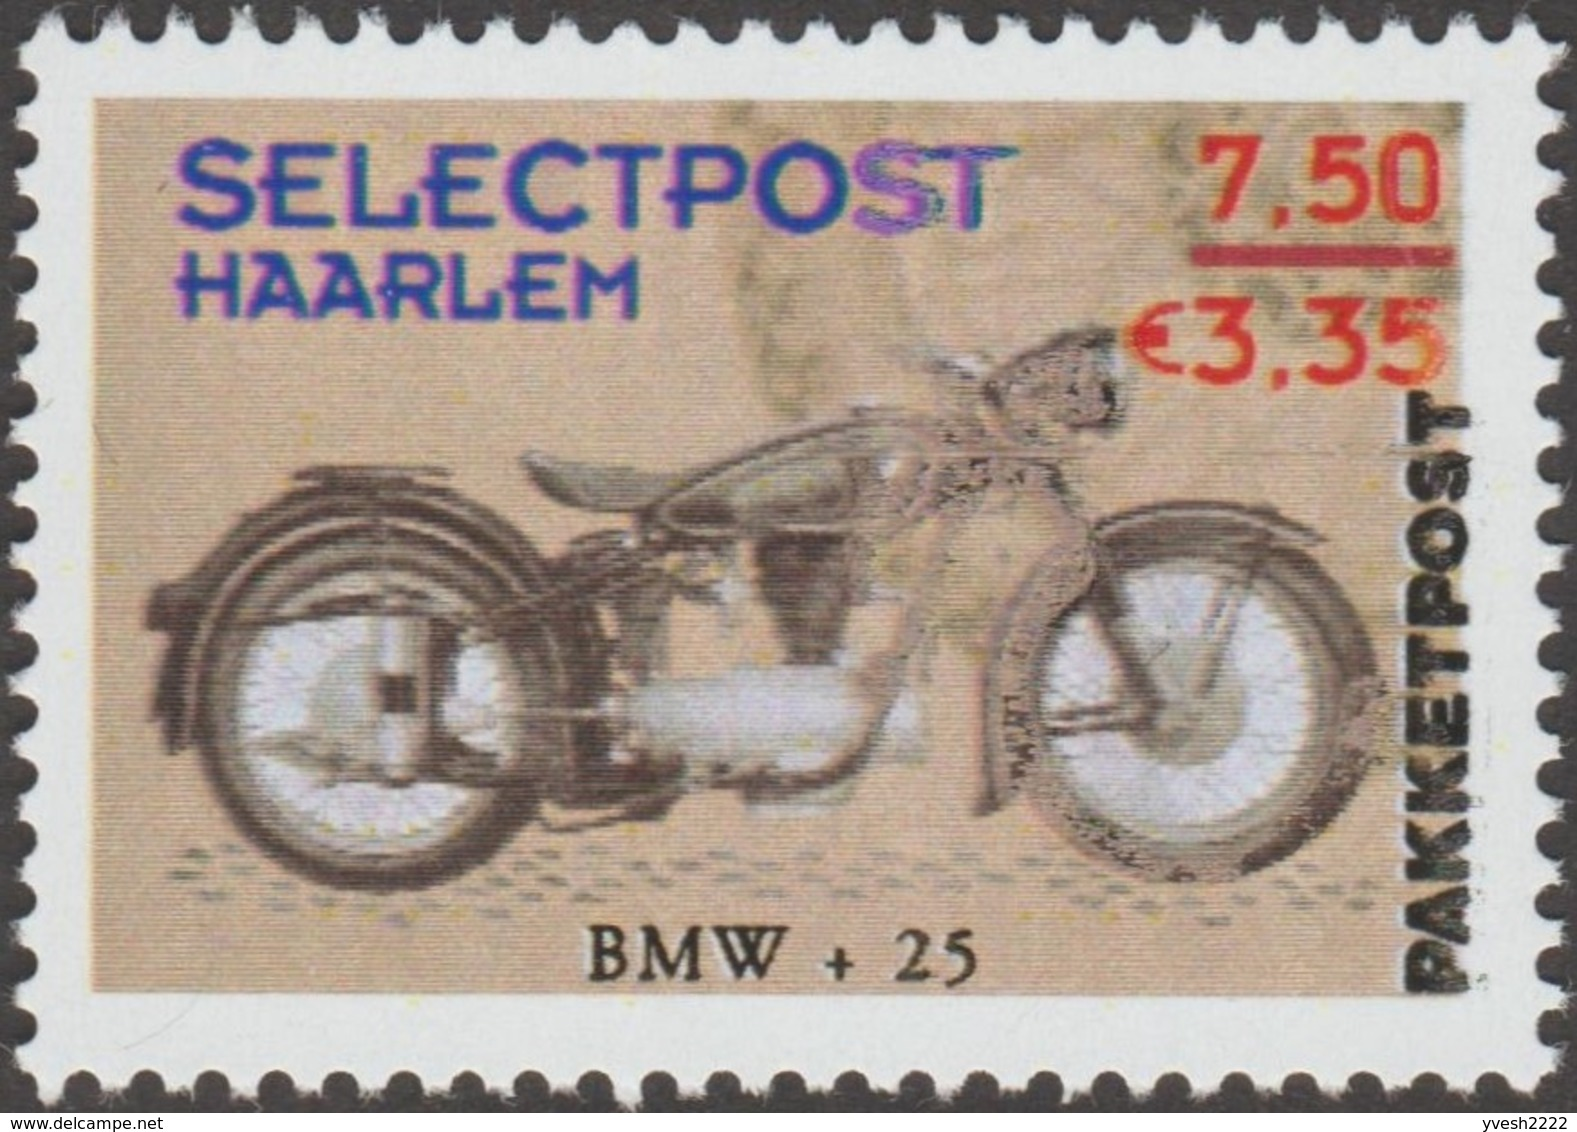 Pays-Bas 2001. Poste Privée Selectpost. Envois De Paquets à Haarlem. Motos Twin Cylinder, BMW Et Norton - Motos